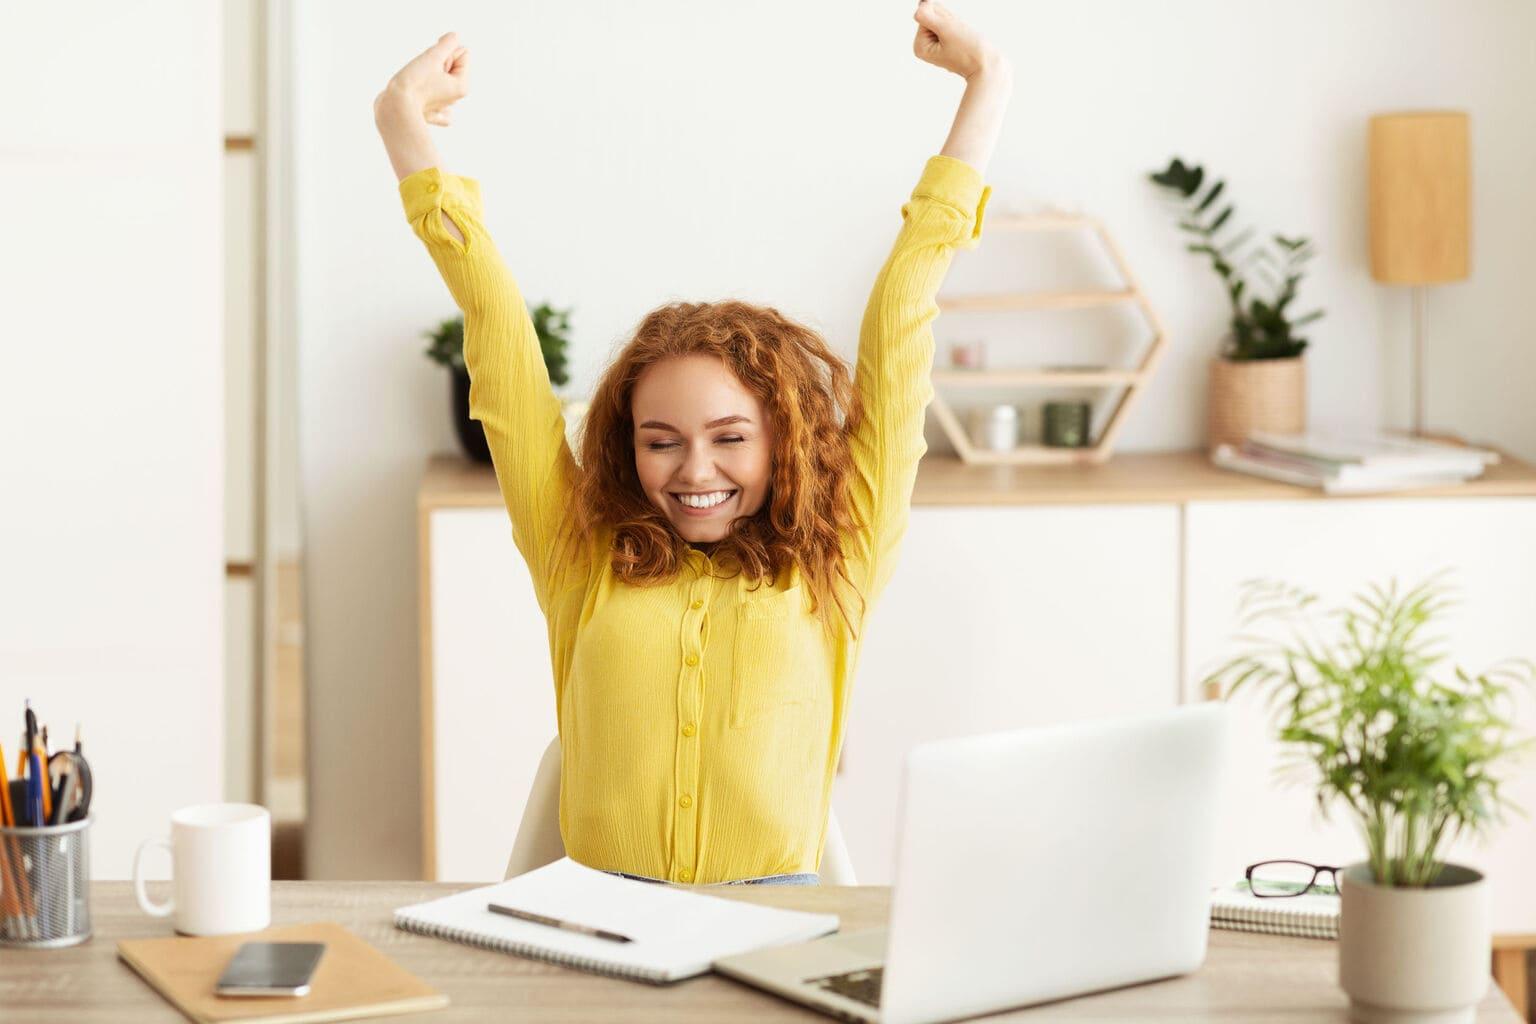 Vrouw met rood haar enthousiast achter laptop